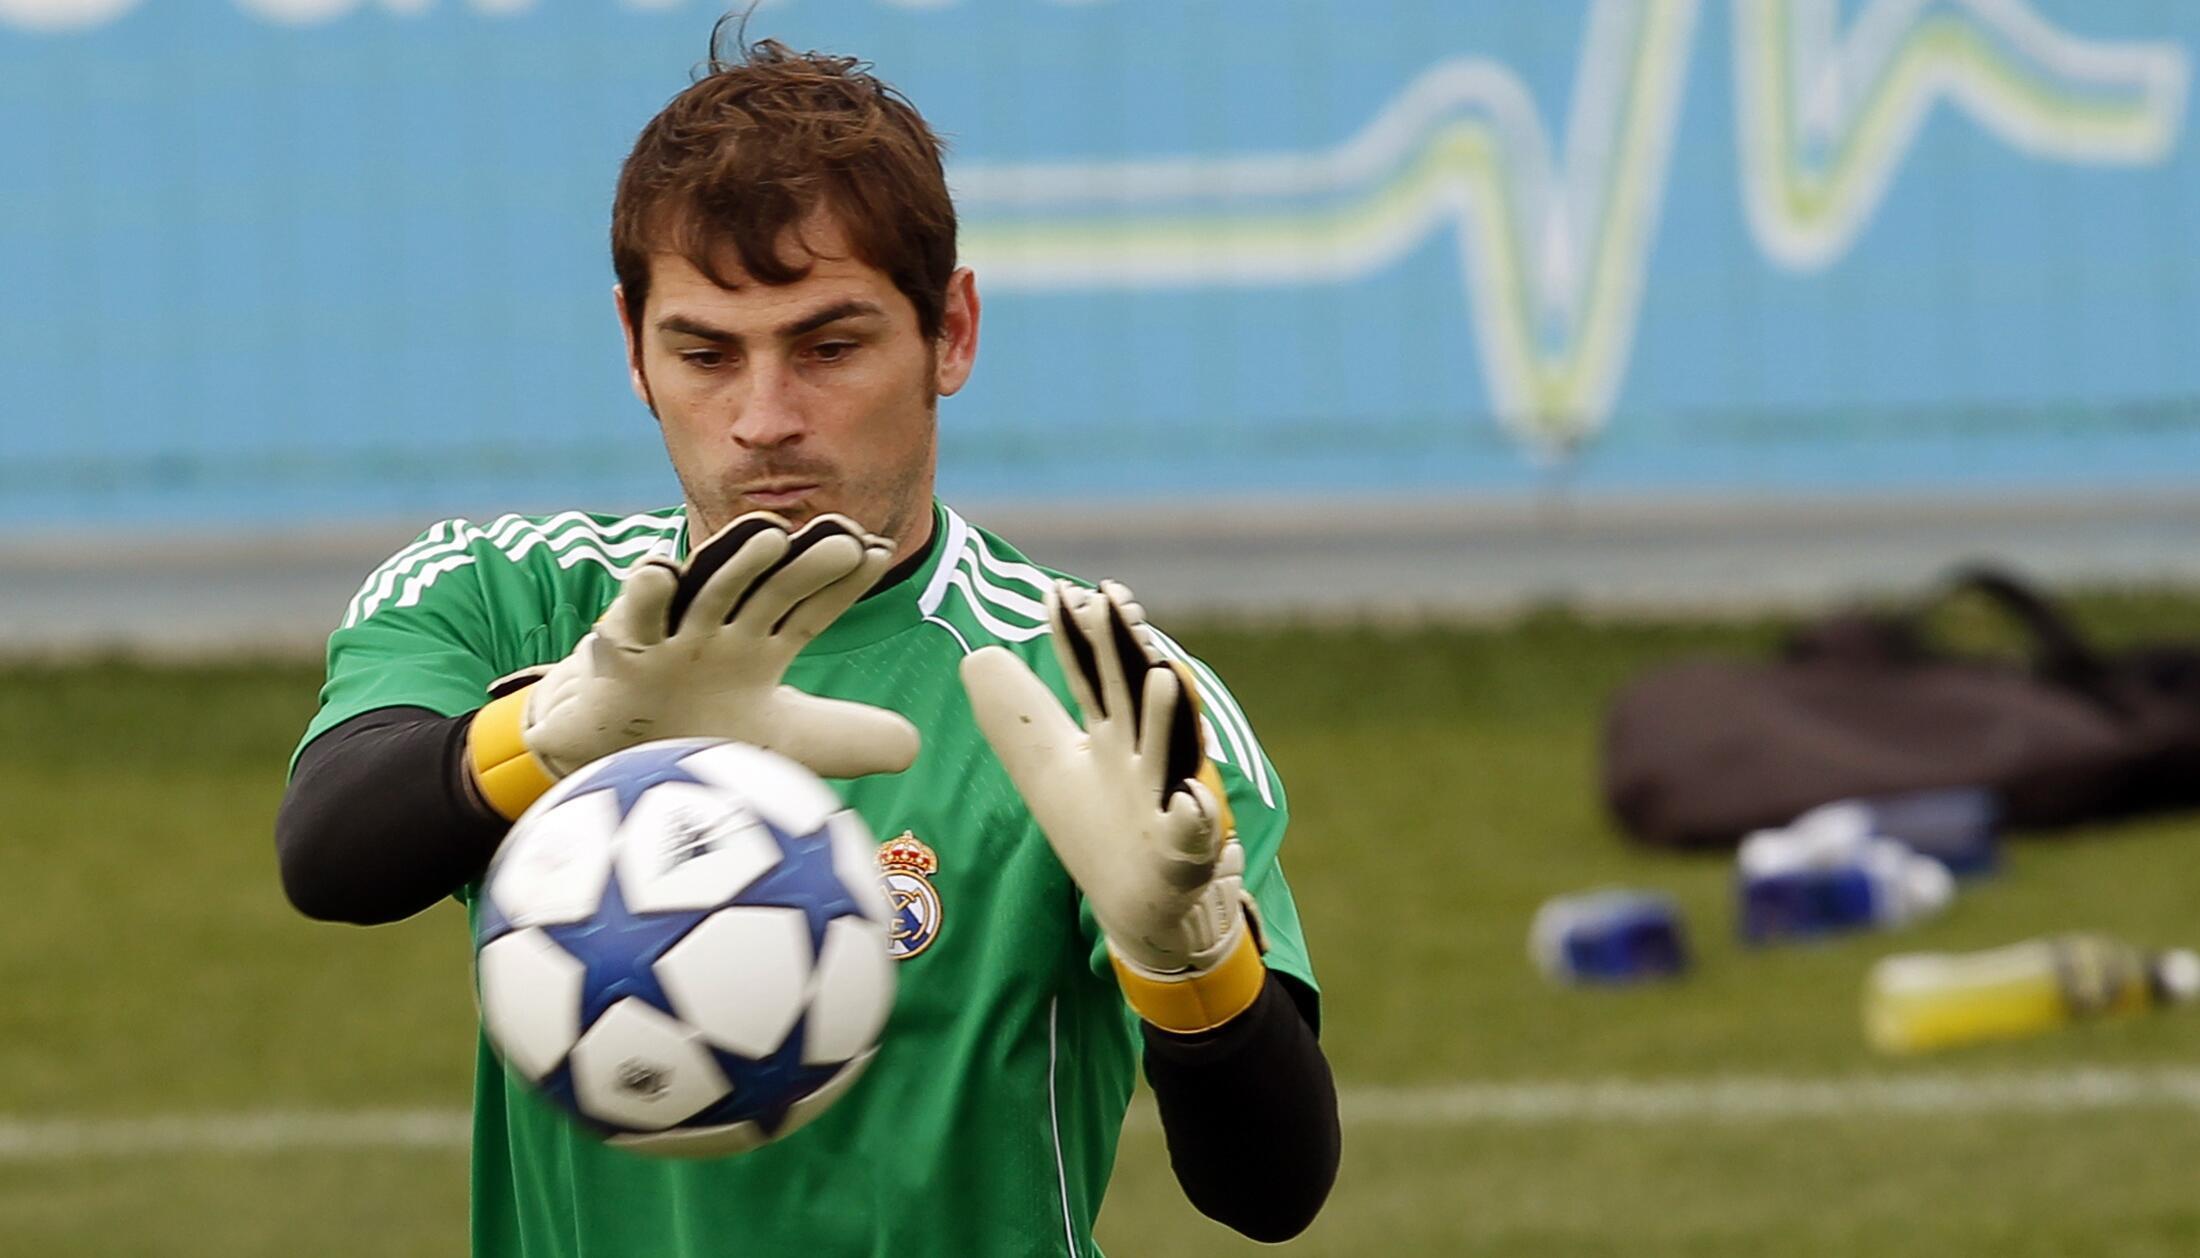 O goleiro do Real Madrid, Iker Casillas